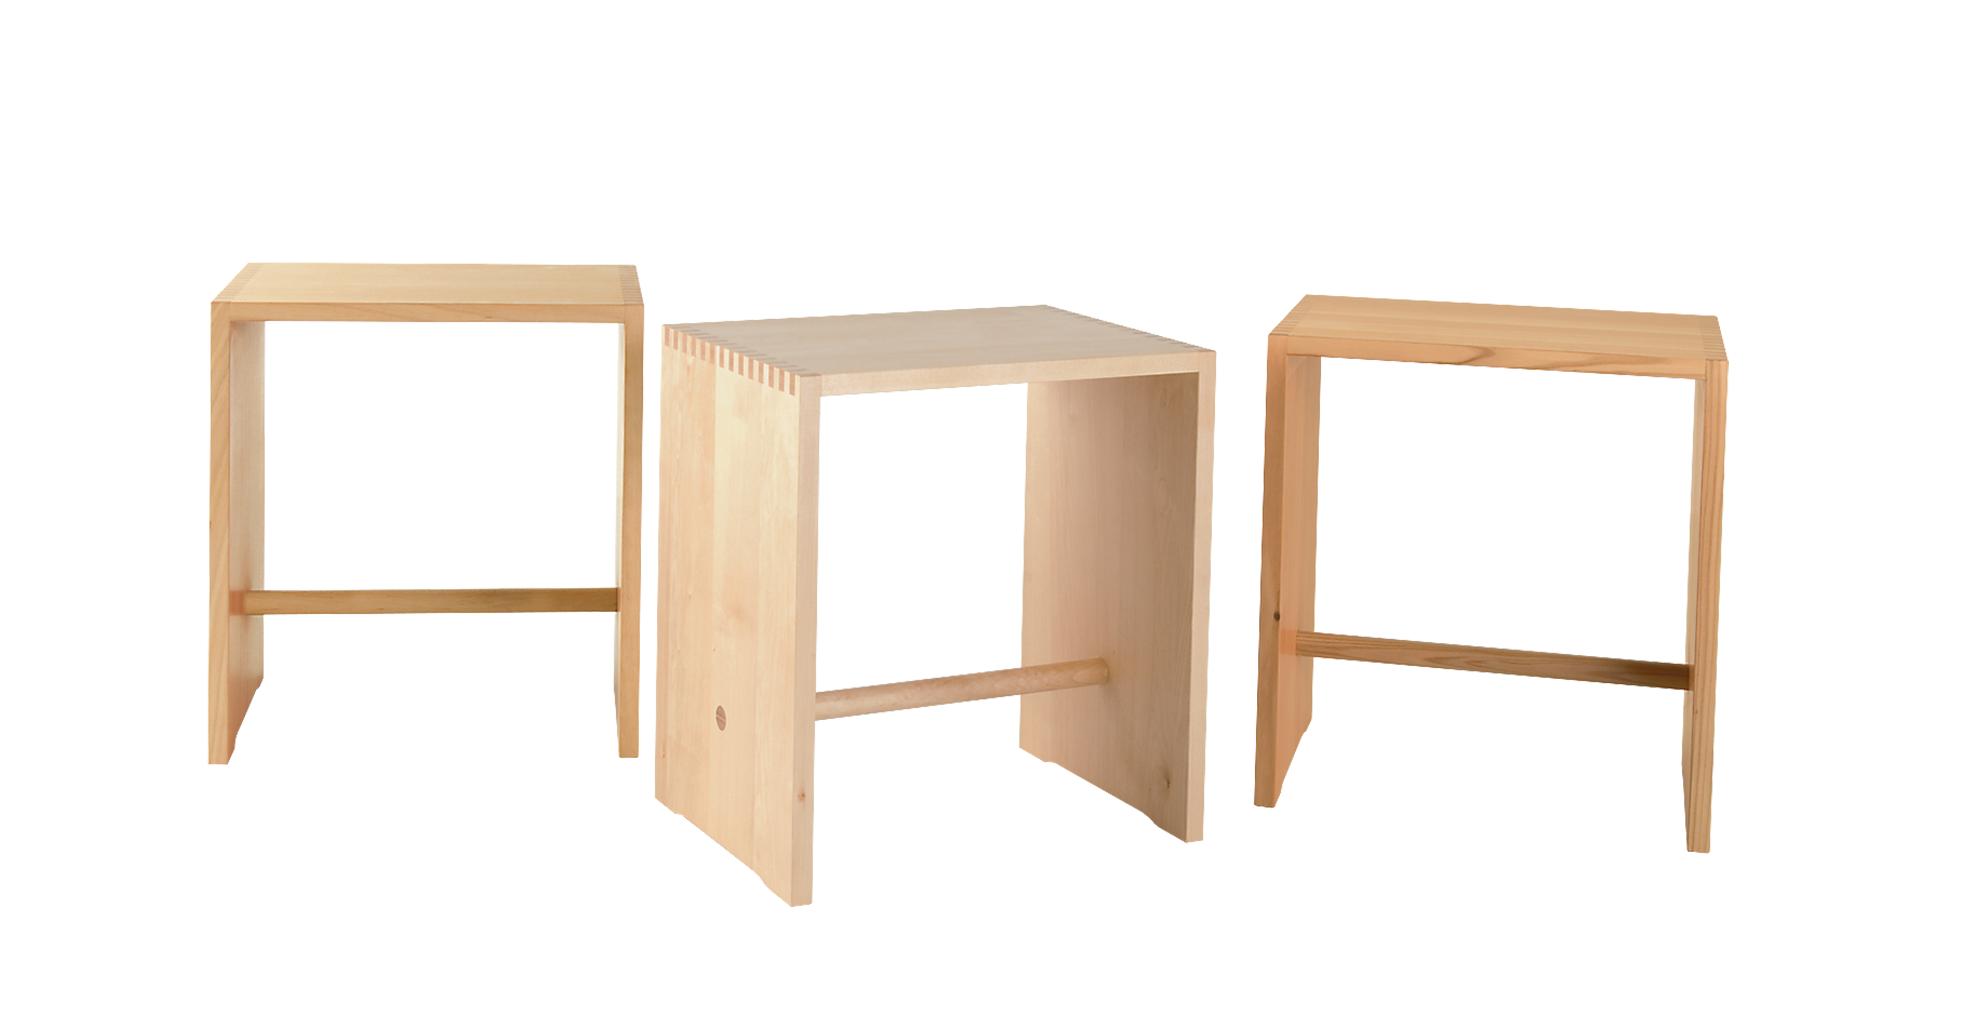 WW stool 45